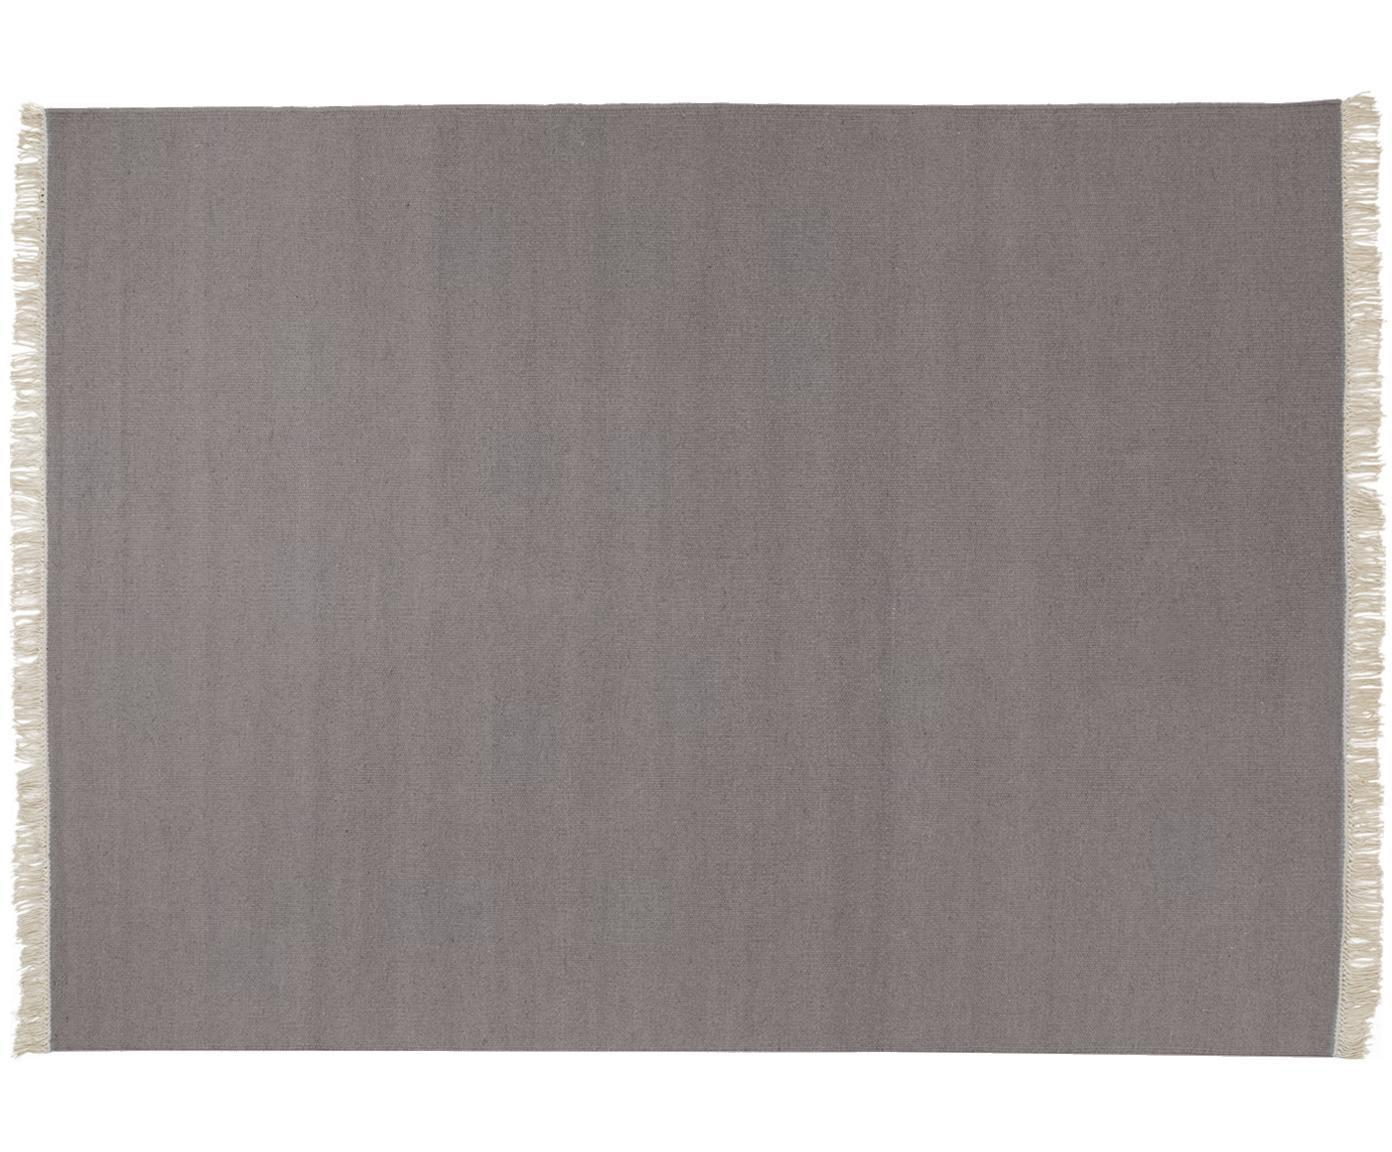 Tappeto in lana tessuto a mano con frange Rainbow, Retro: cotone, Grigio chiaro, Larg. 140 x Lung. 200 cm